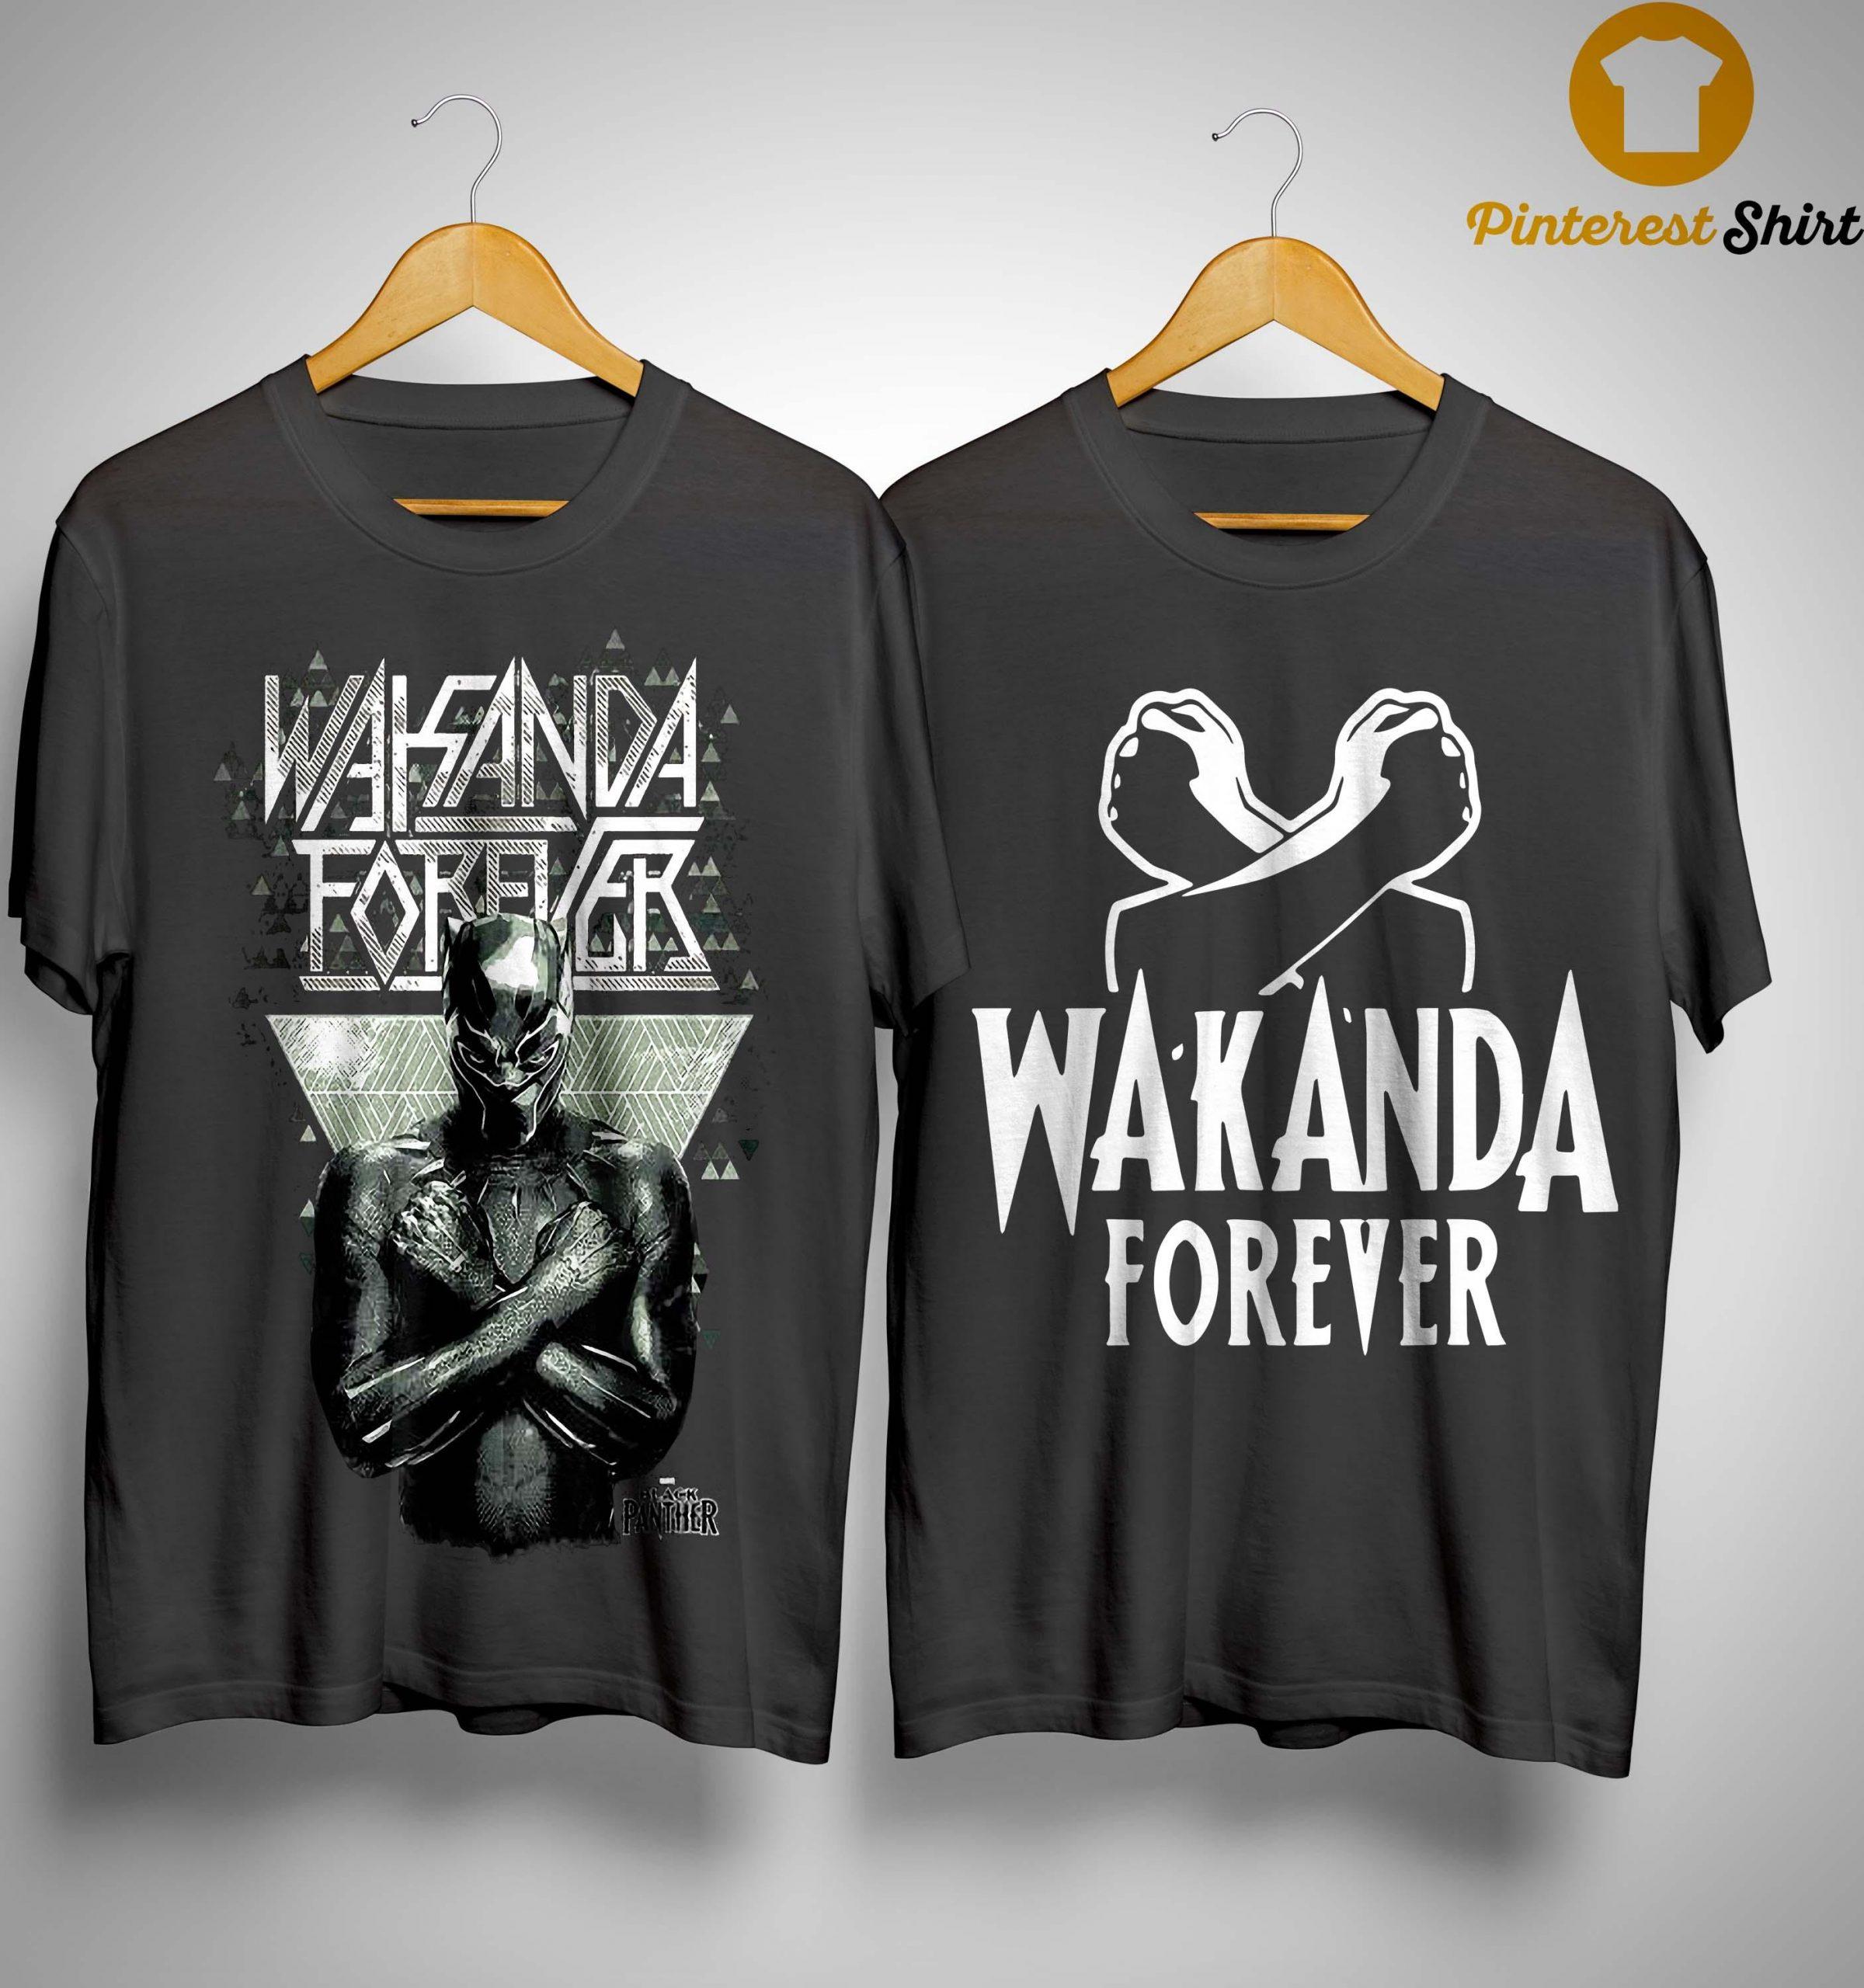 Wakanda Forever Shirt